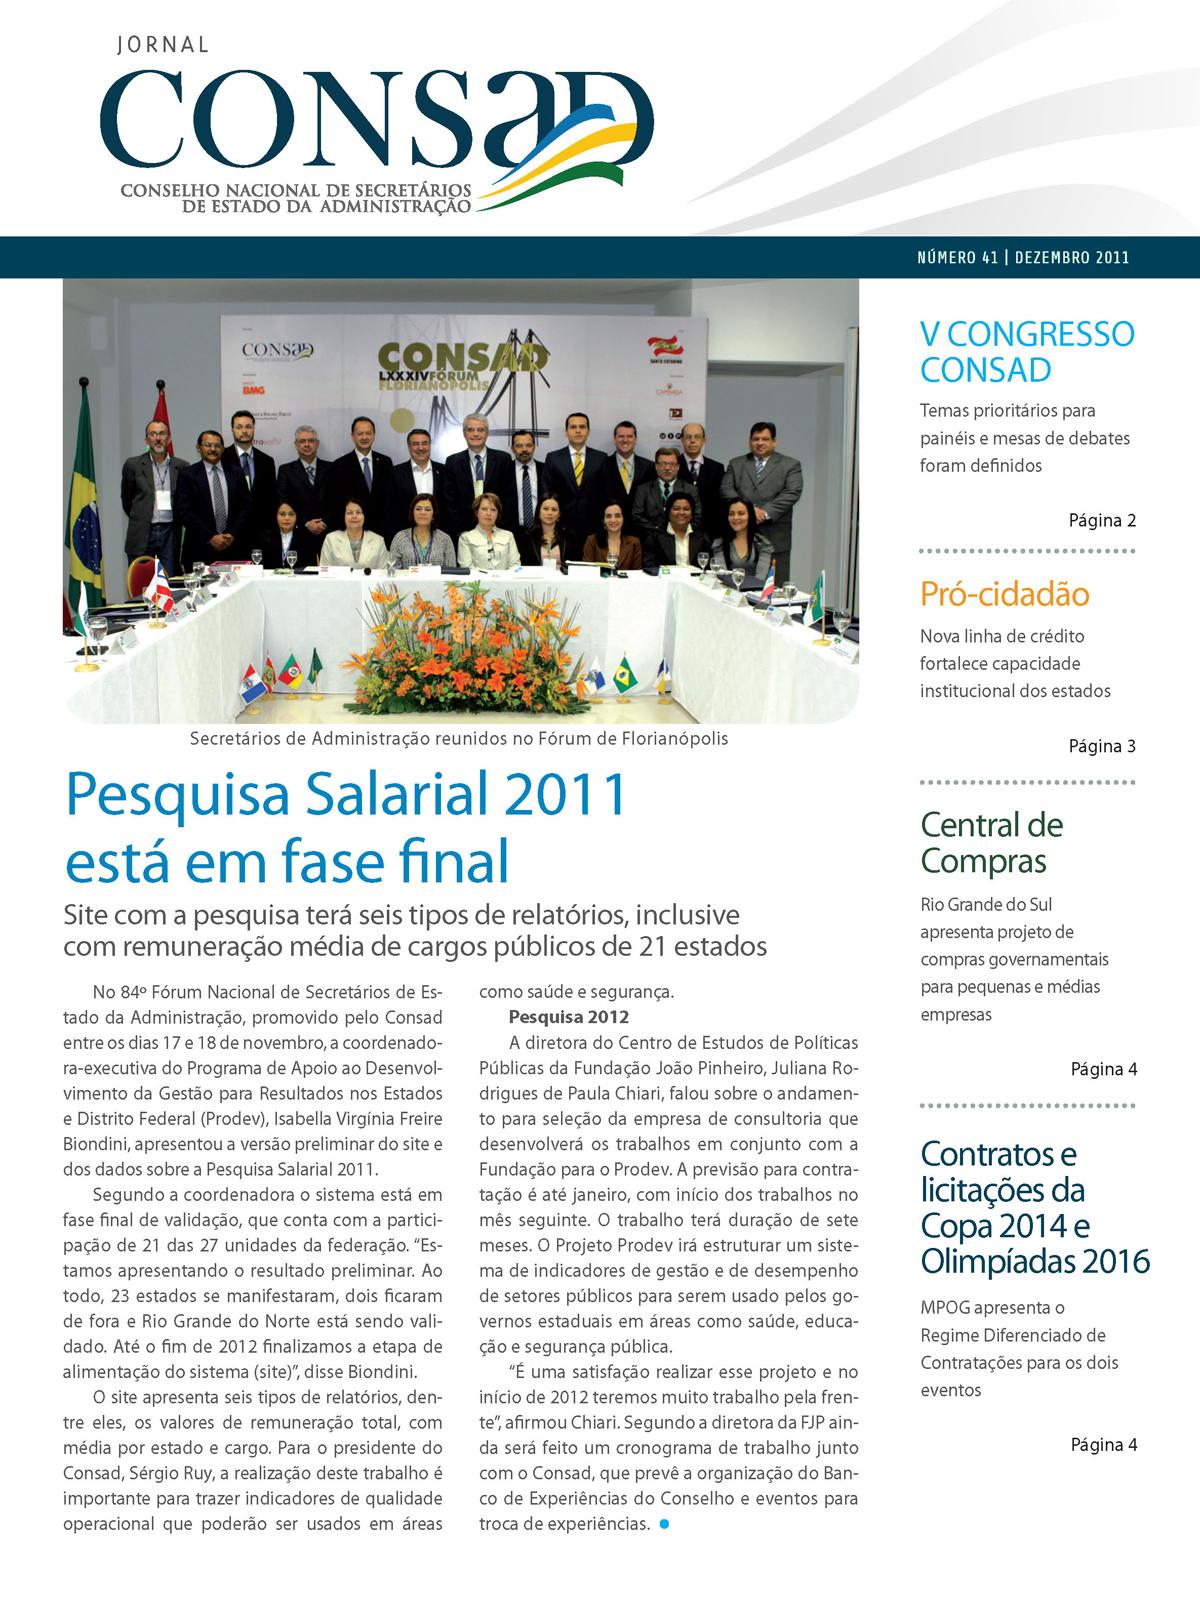 Jornal do Consad Número 41 – Dezembro de 2011